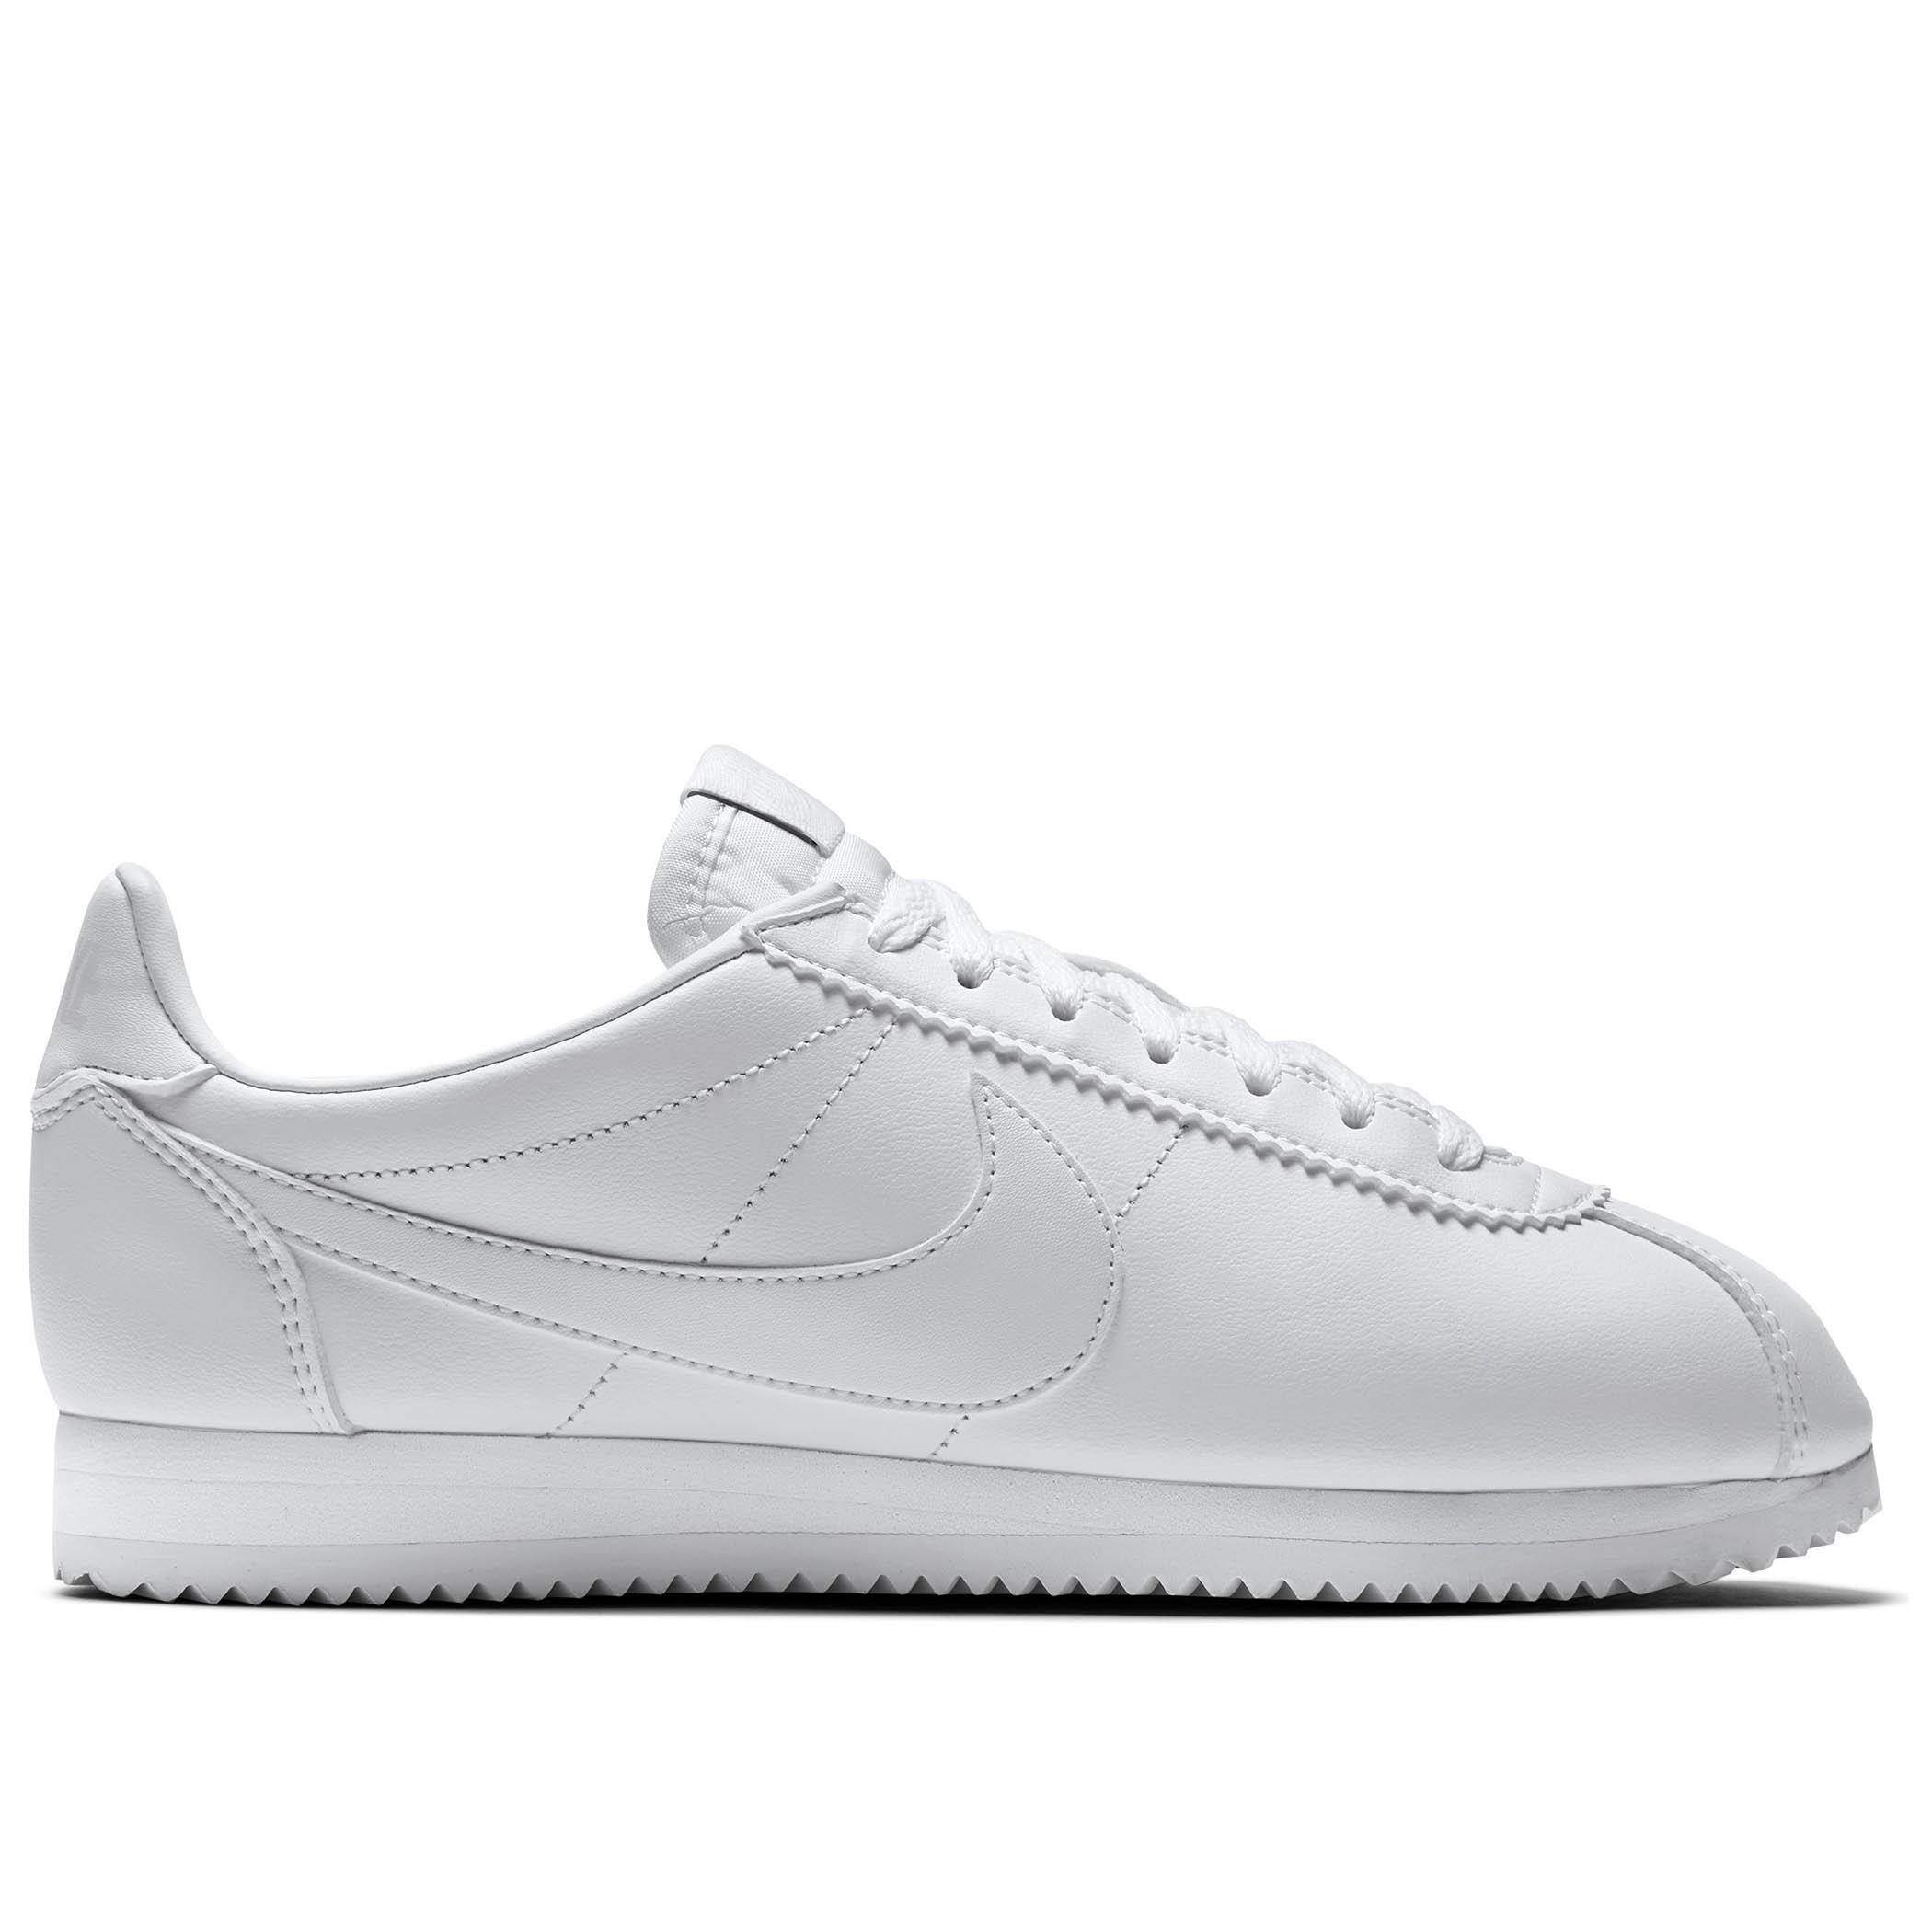 1a2f5906 Кроссовки Cortez от Nike (807471-102) - продажа, цена, фото, описание